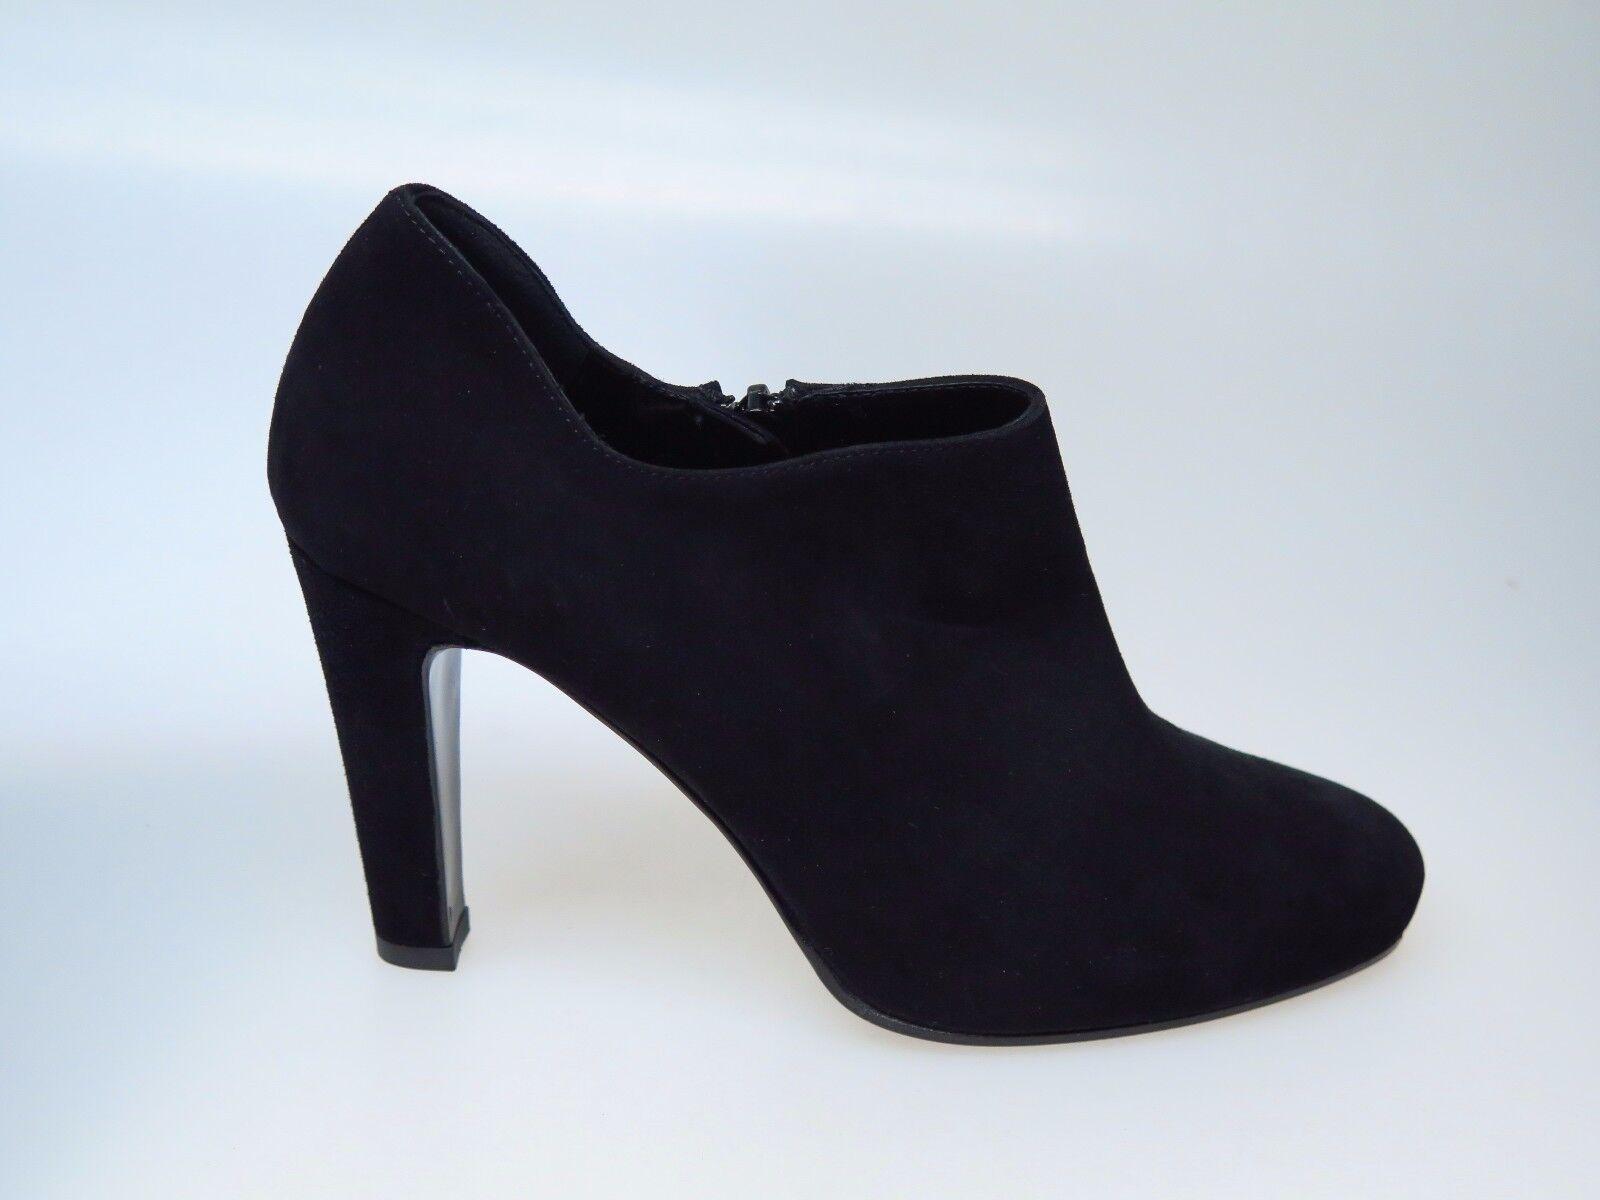 Sultana Italy zapatos señora botines botas de cuero n4257 Amber Black nuevo